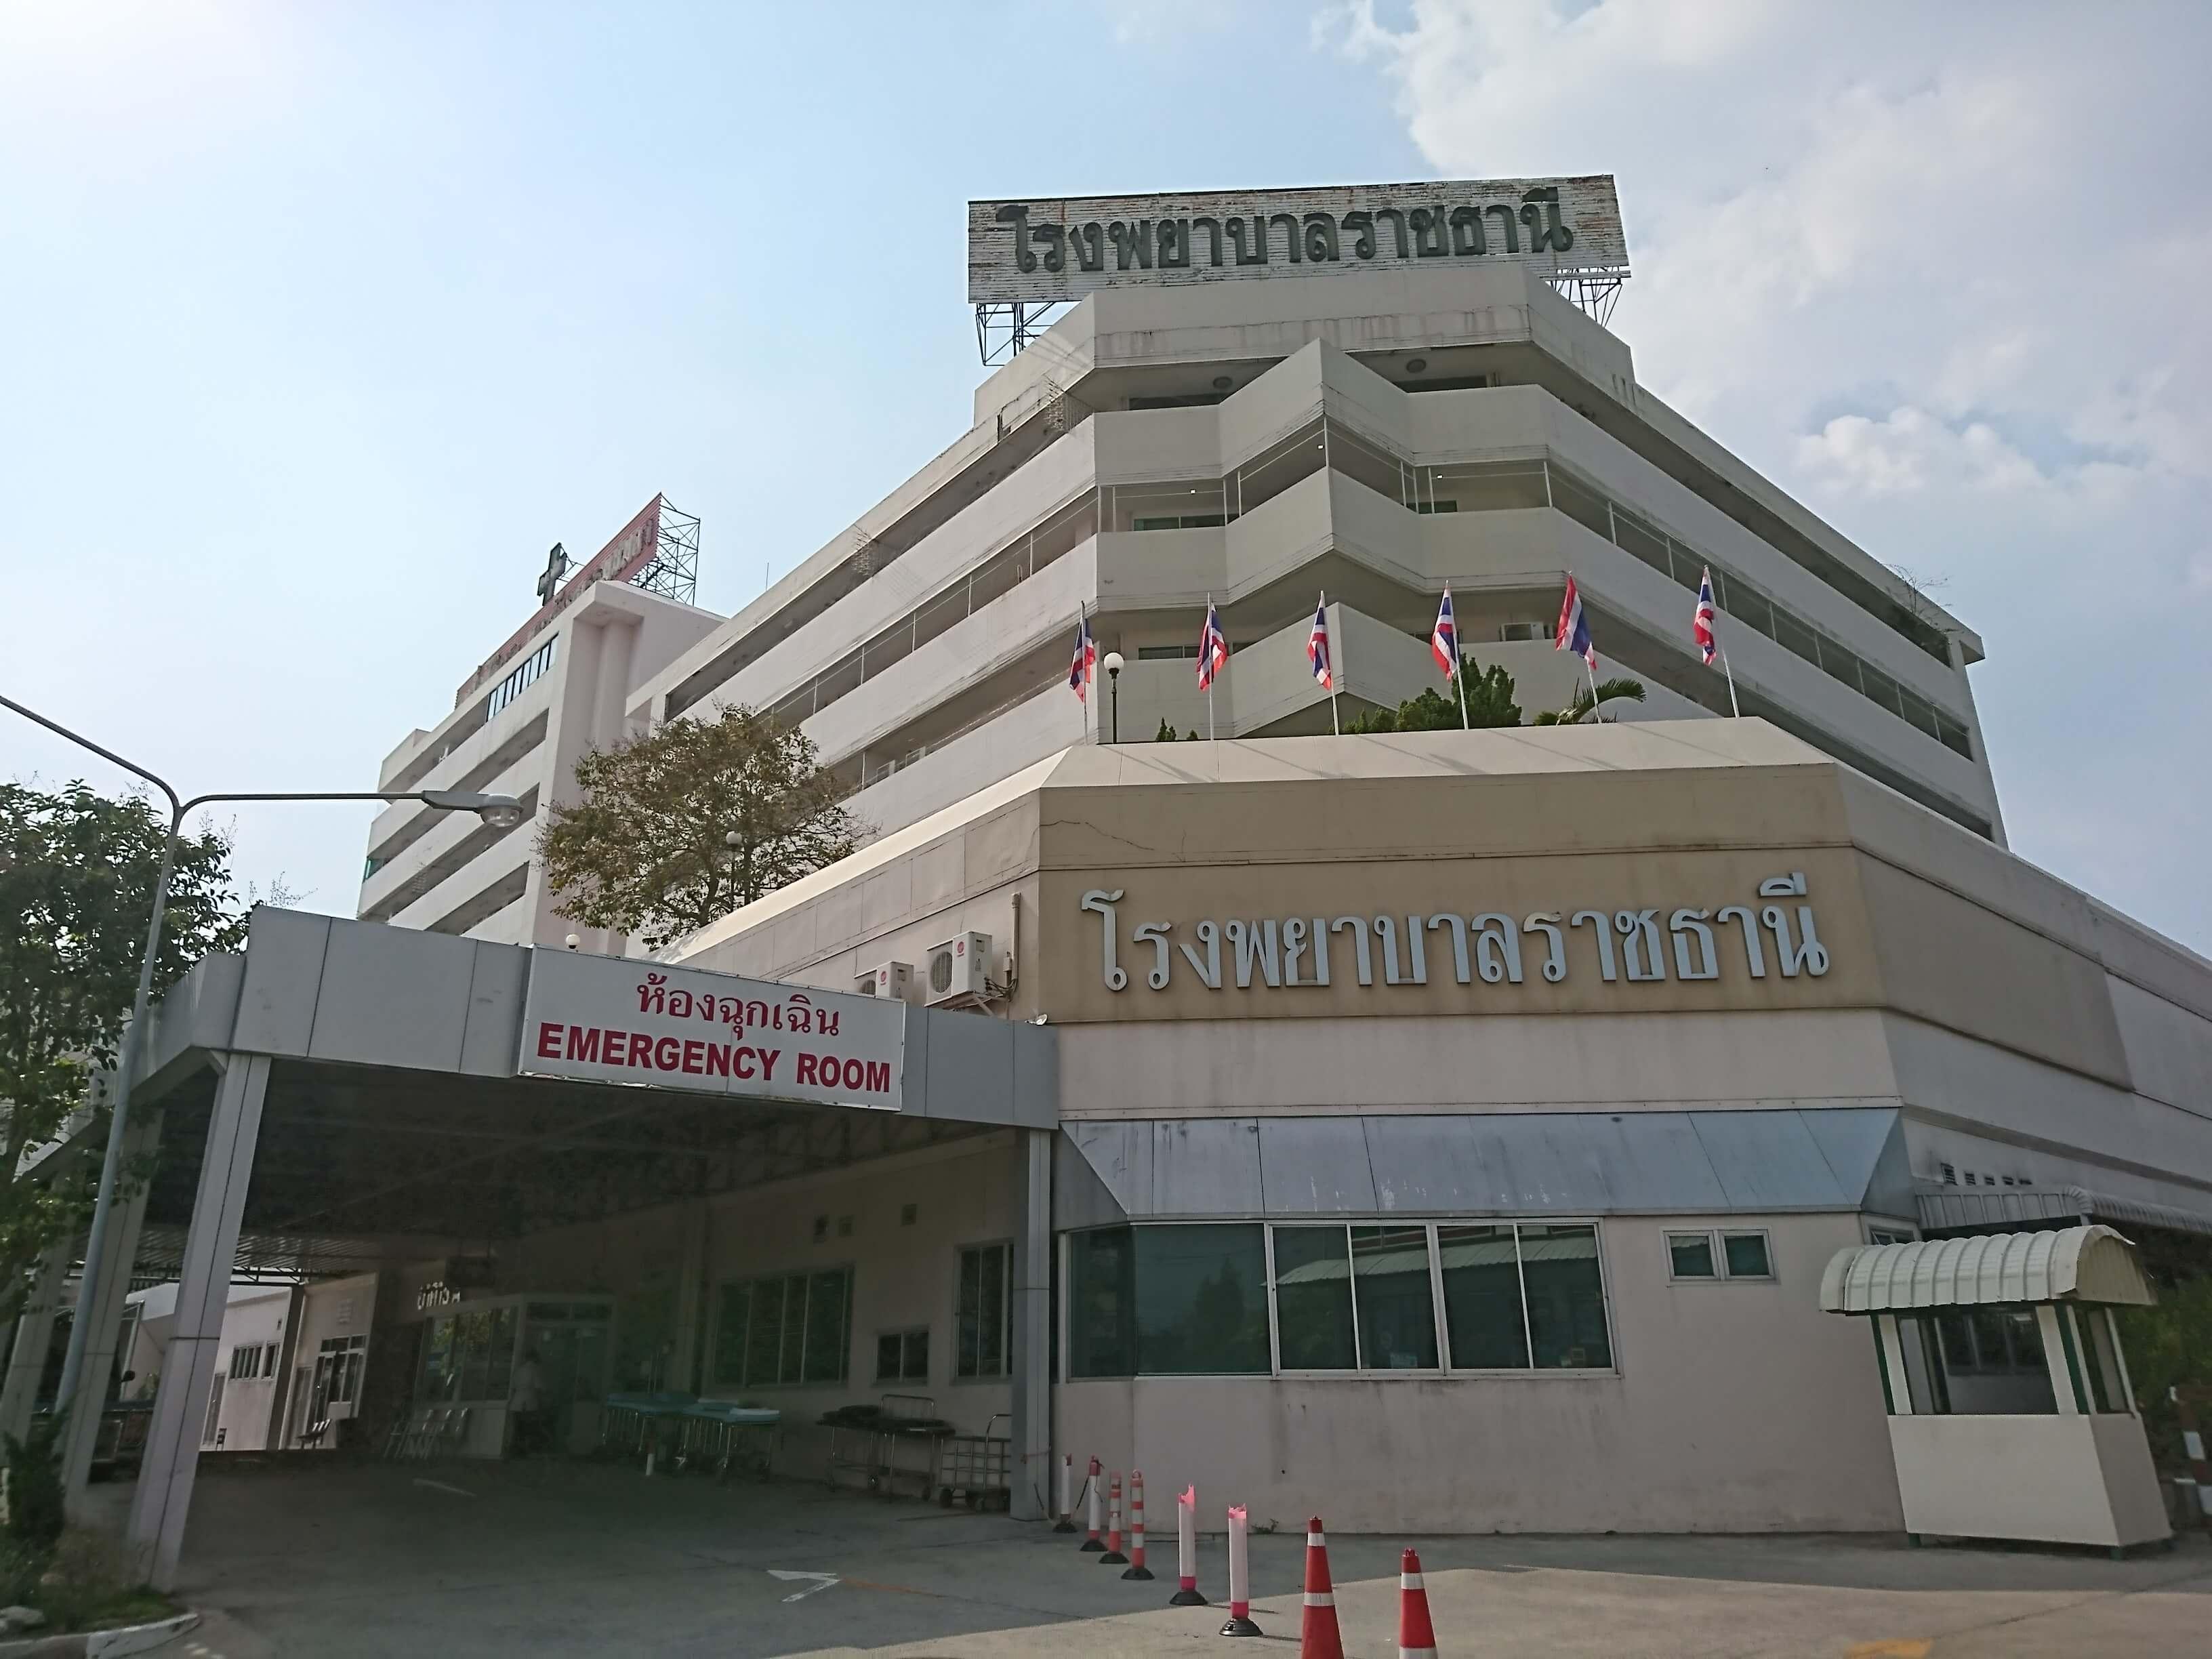 アユタヤで最も信頼できる病院「ラチャタニーホスピタル(Rajthanee Hospital)」をご紹介!